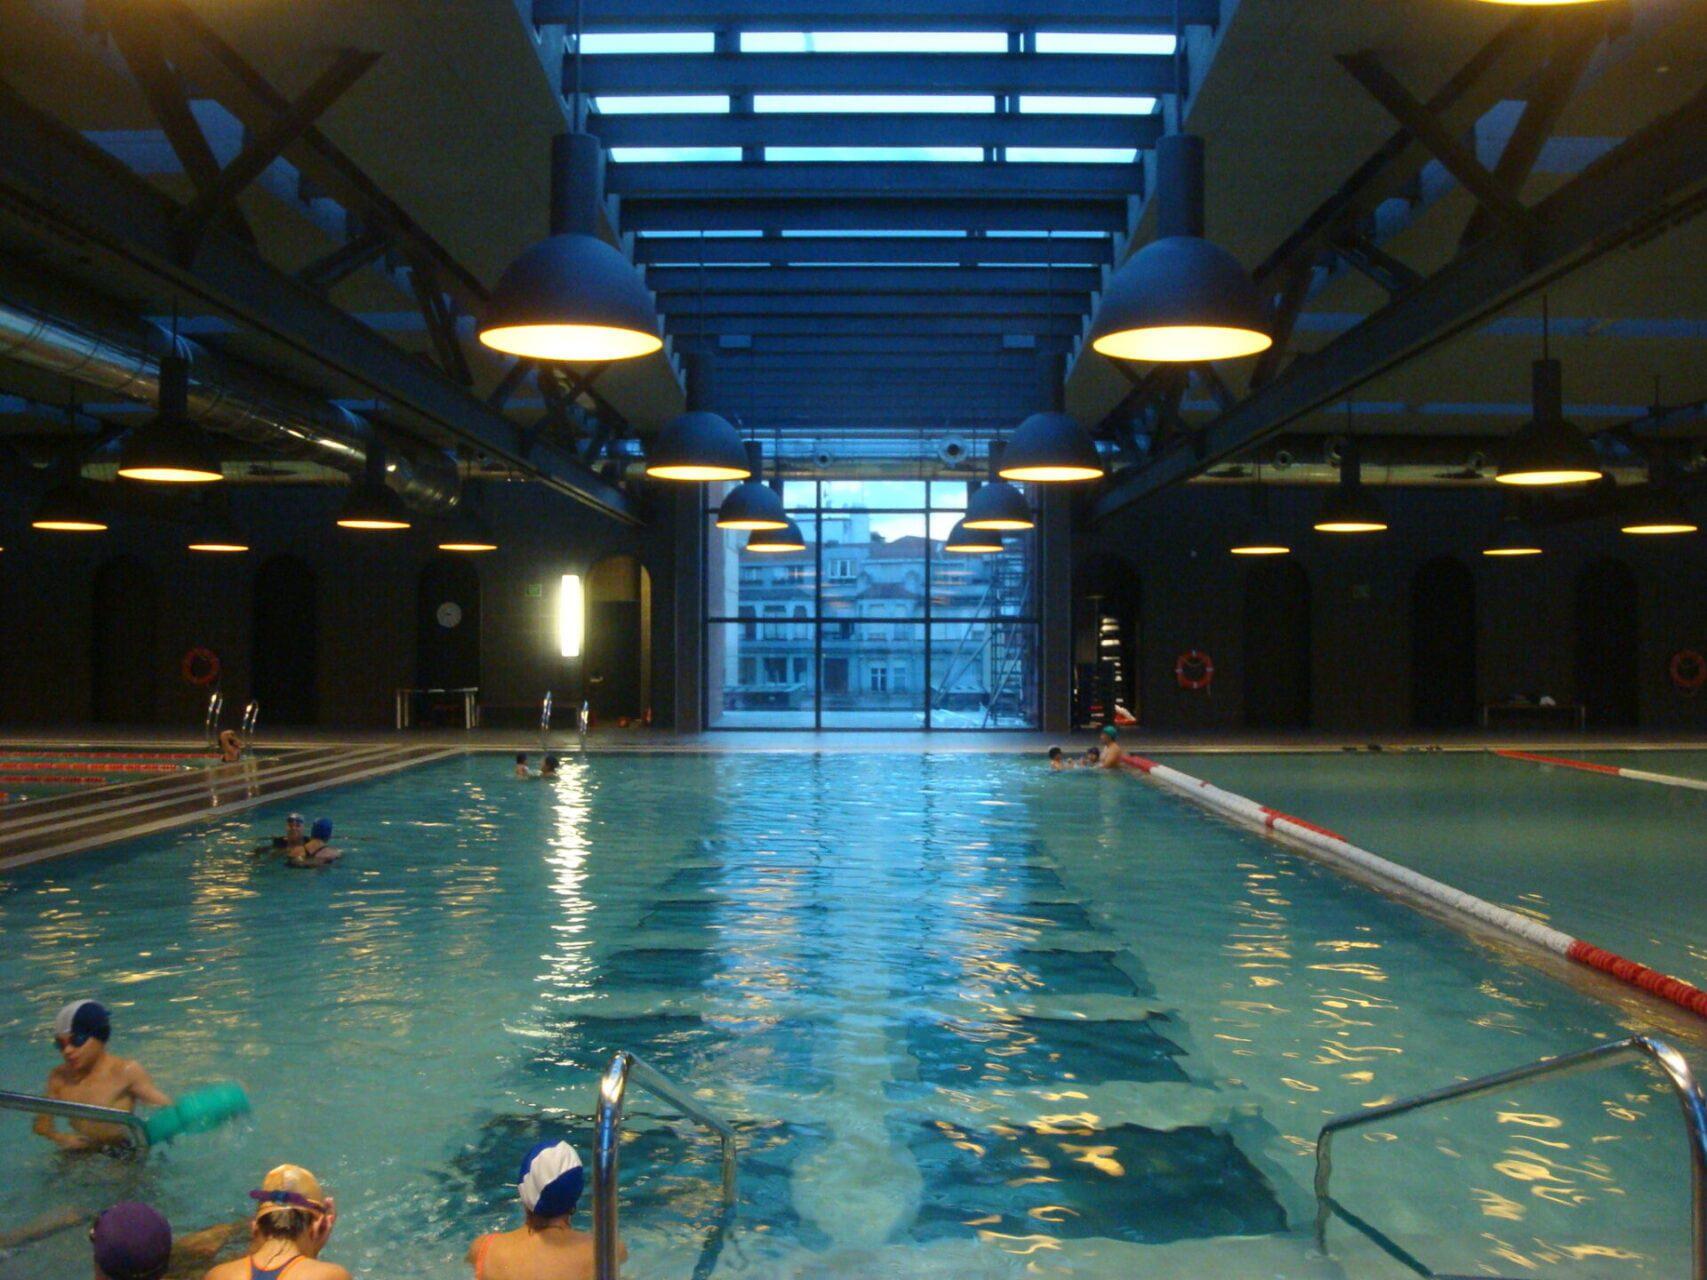 Zwemmen op het plafond van Azkuna Zentroa in Bilbao